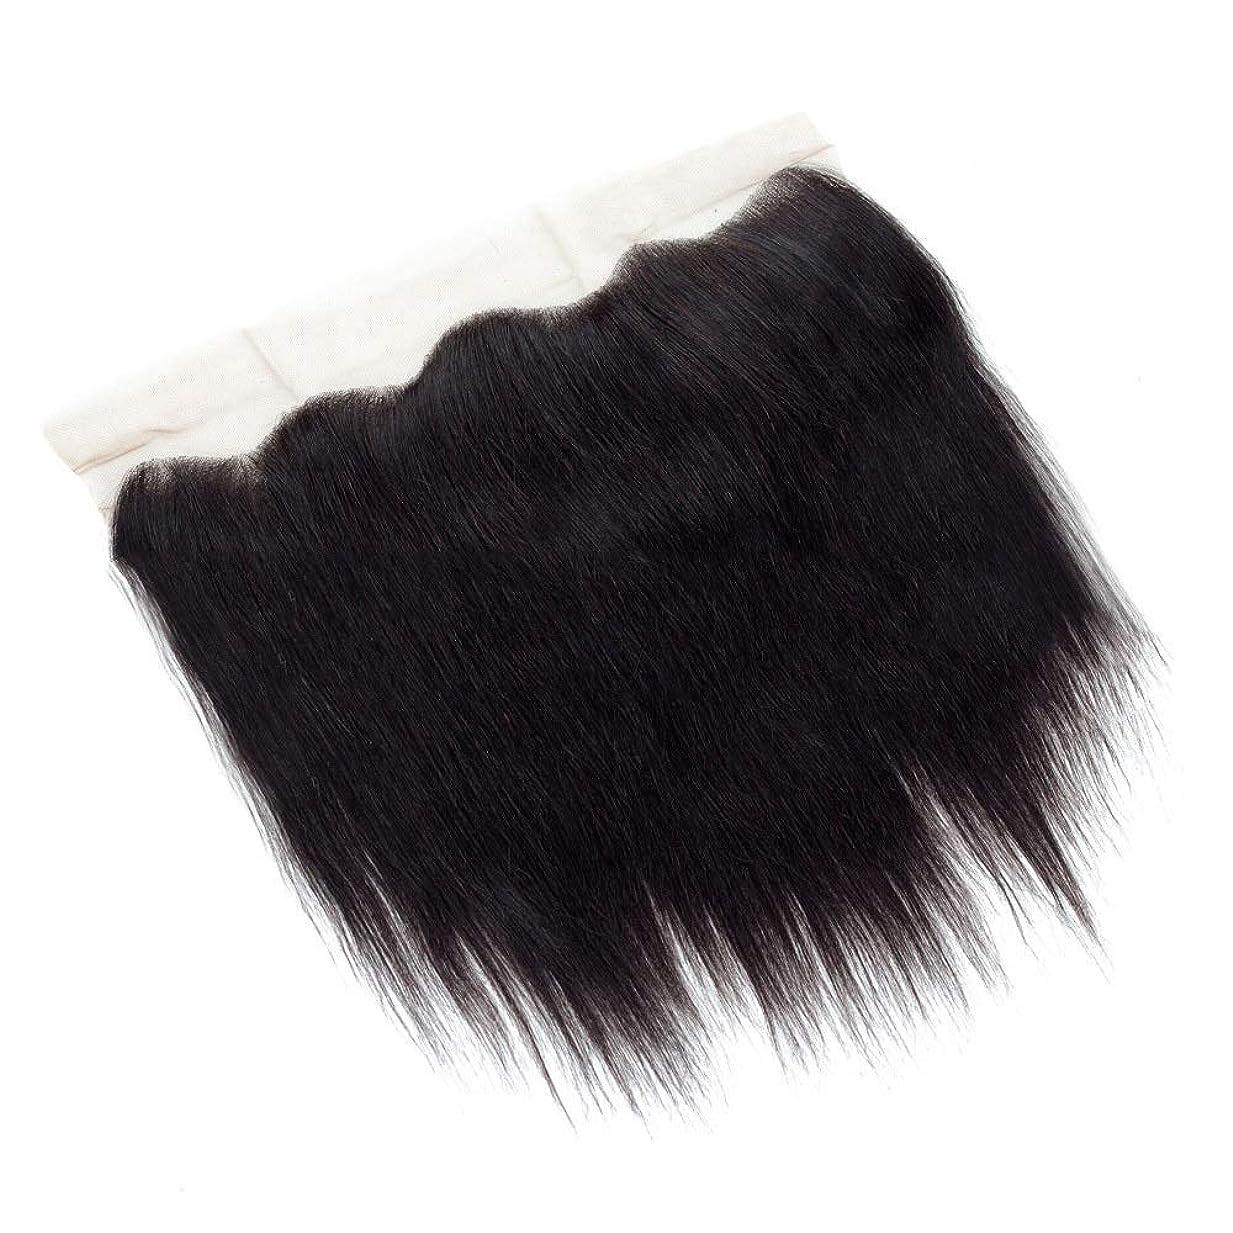 食欲演劇下手WASAIO ブラジルのレースの前頭閉鎖の人間の毛髪延長の自然な色 (サイズ : 20 inch)